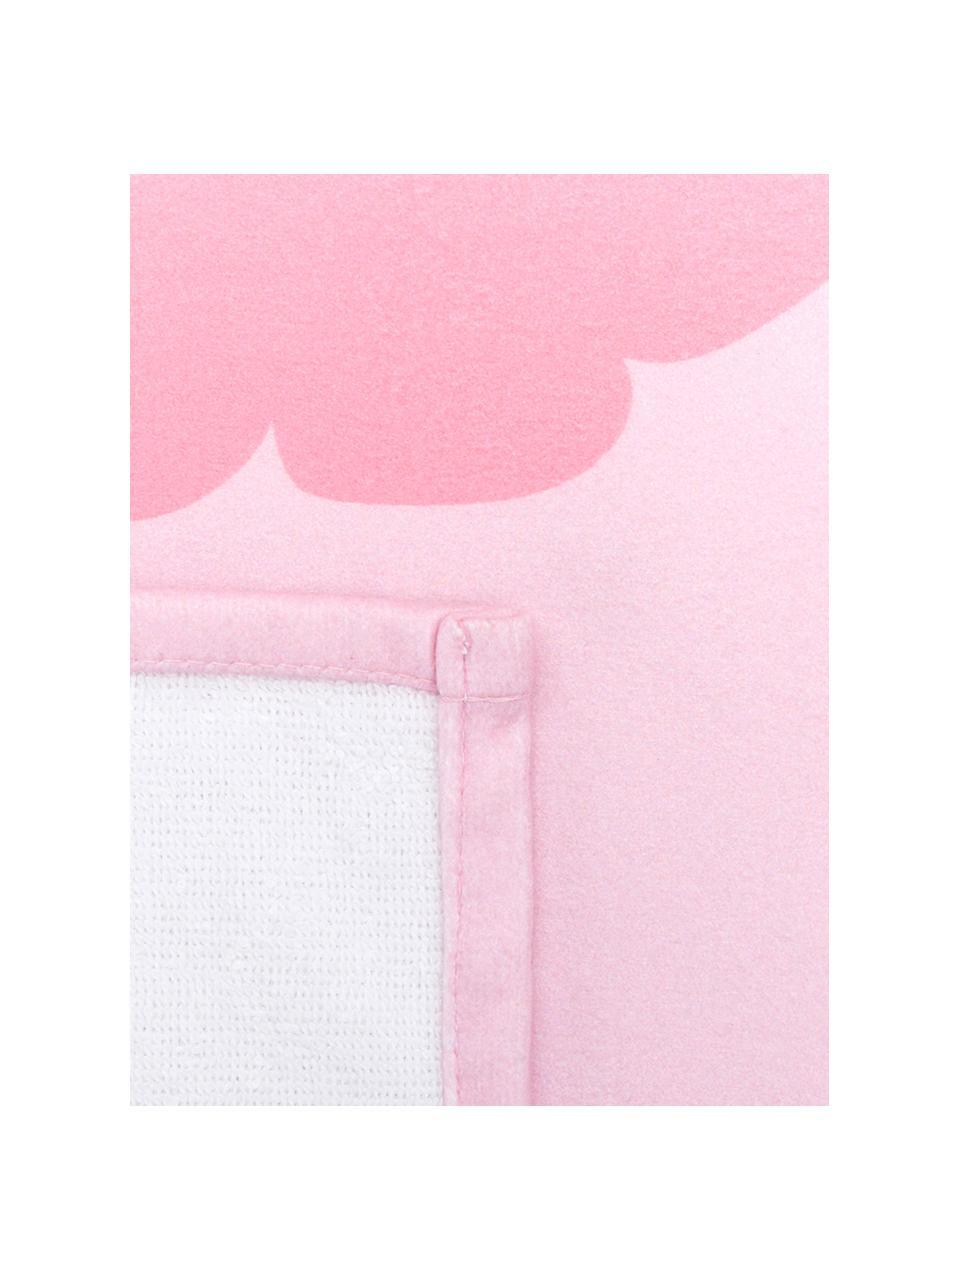 Leichtes Strandtuch Sebastian mit Hummer Motiv, 55% Polyester, 45% Baumwolle Sehr leichte Qualität, 340 g/m², Rosa, Rot, 70 x 150 cm